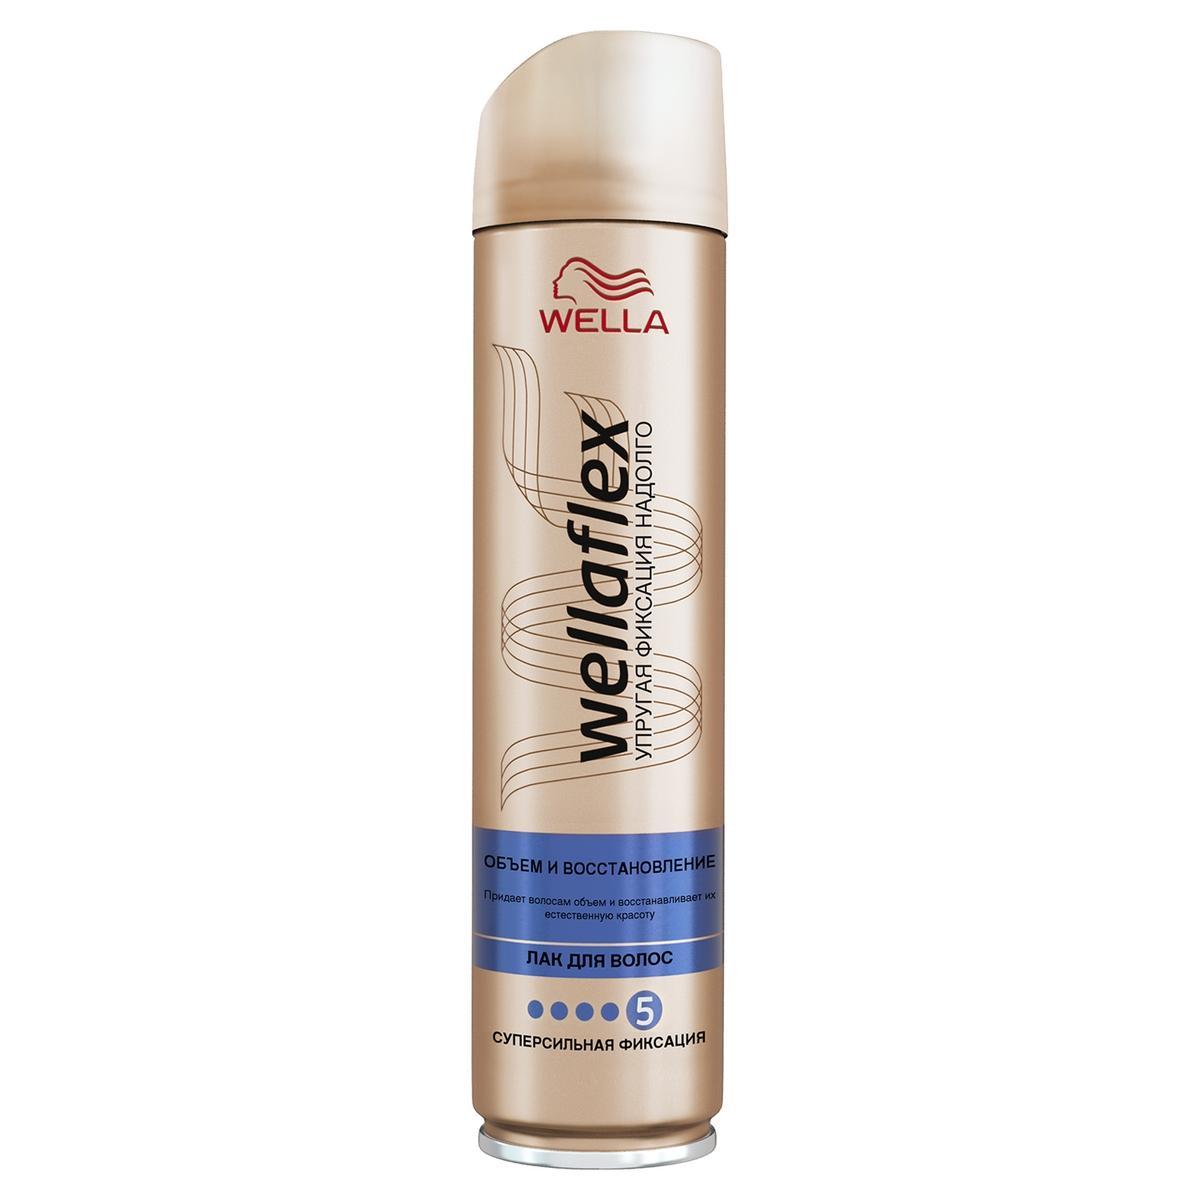 Лак для волос Wella Wellaflex Объем и Восстановление 250 мл